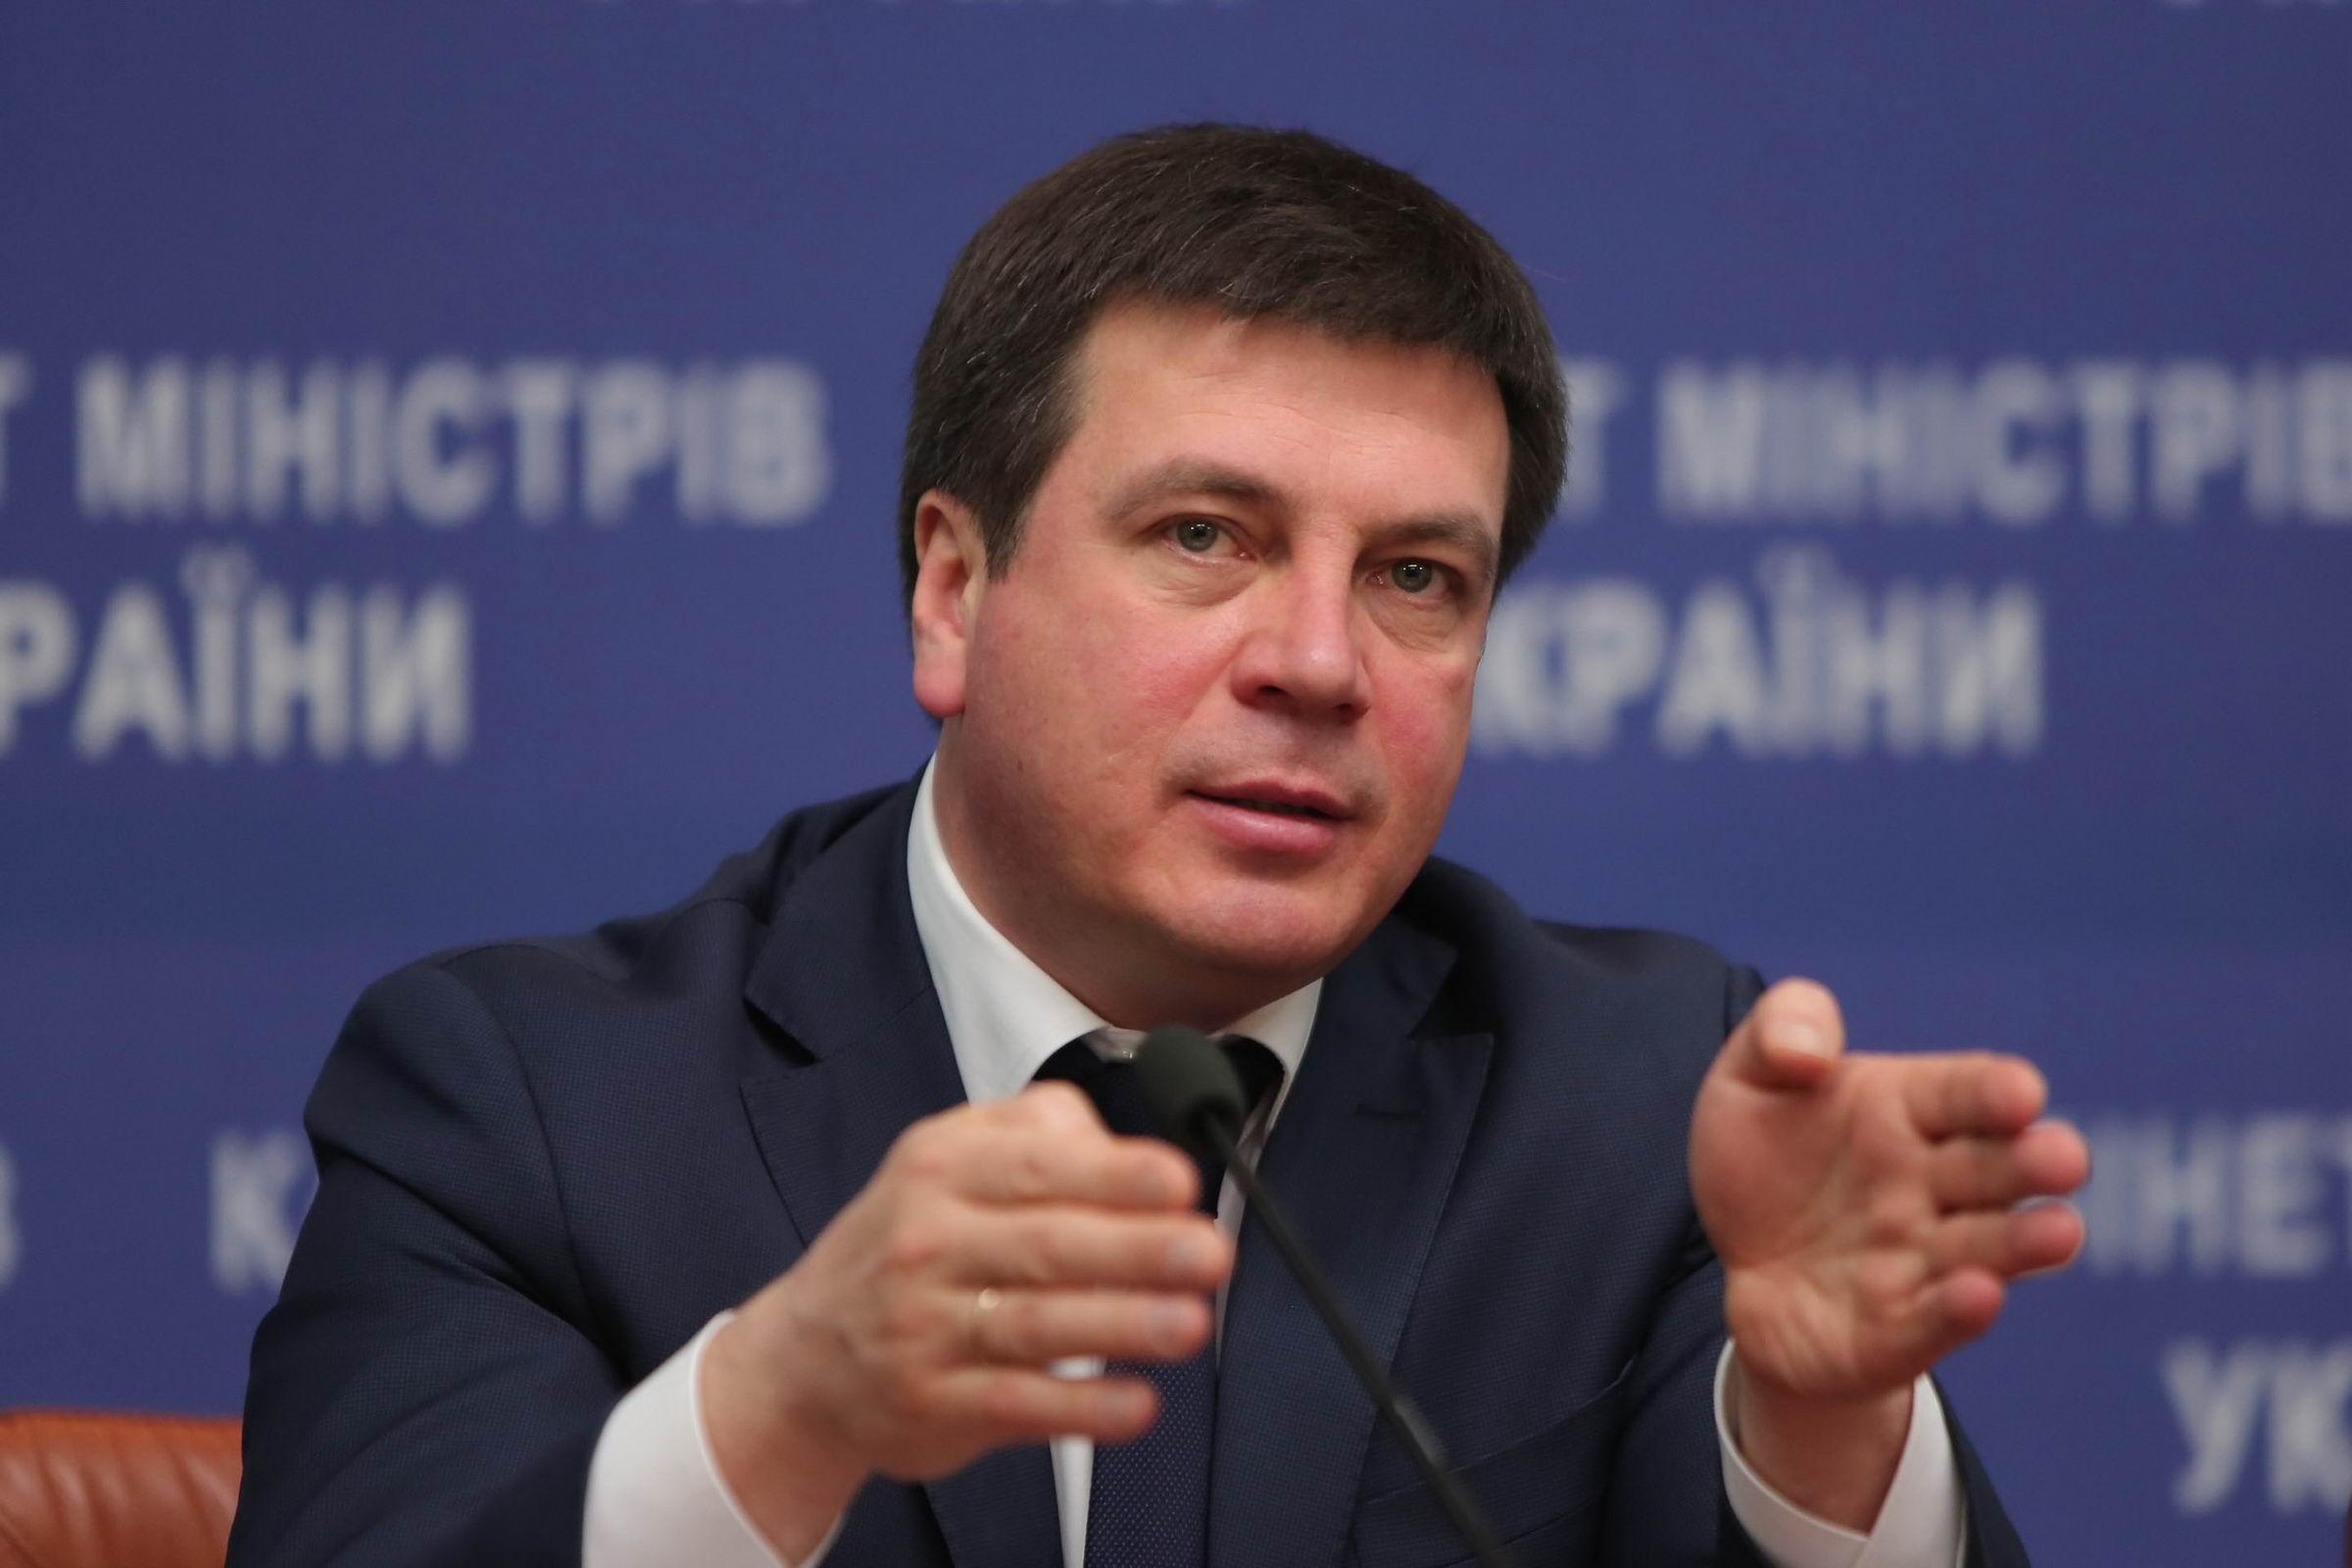 Богатая жена вице-премьера: За год супруга Зубко заработала на 200 тыс больше мужа